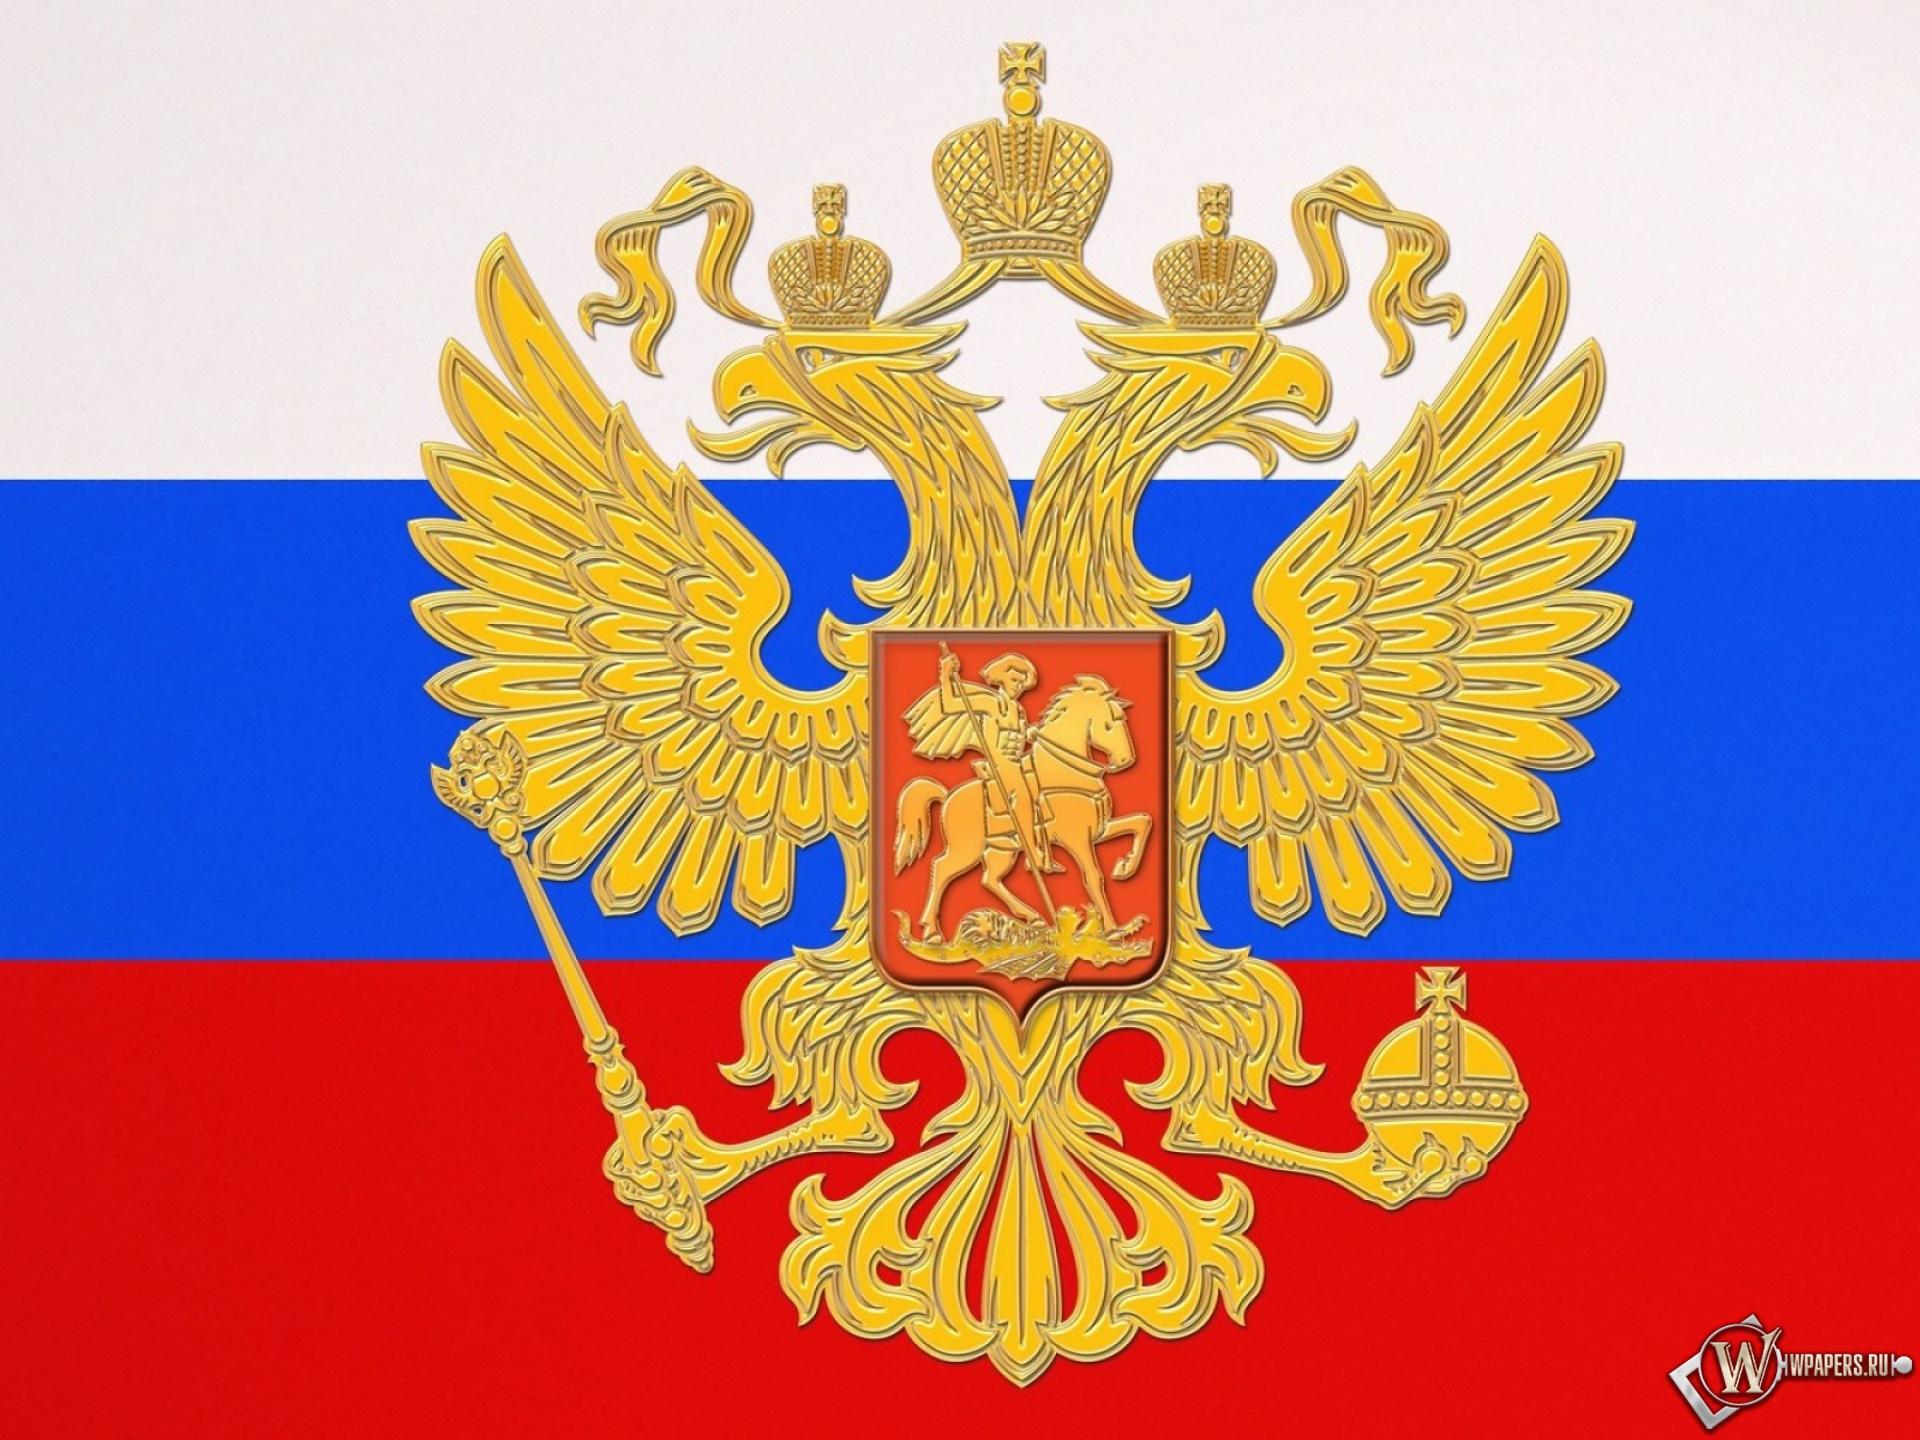 Флаг России 1920x1440